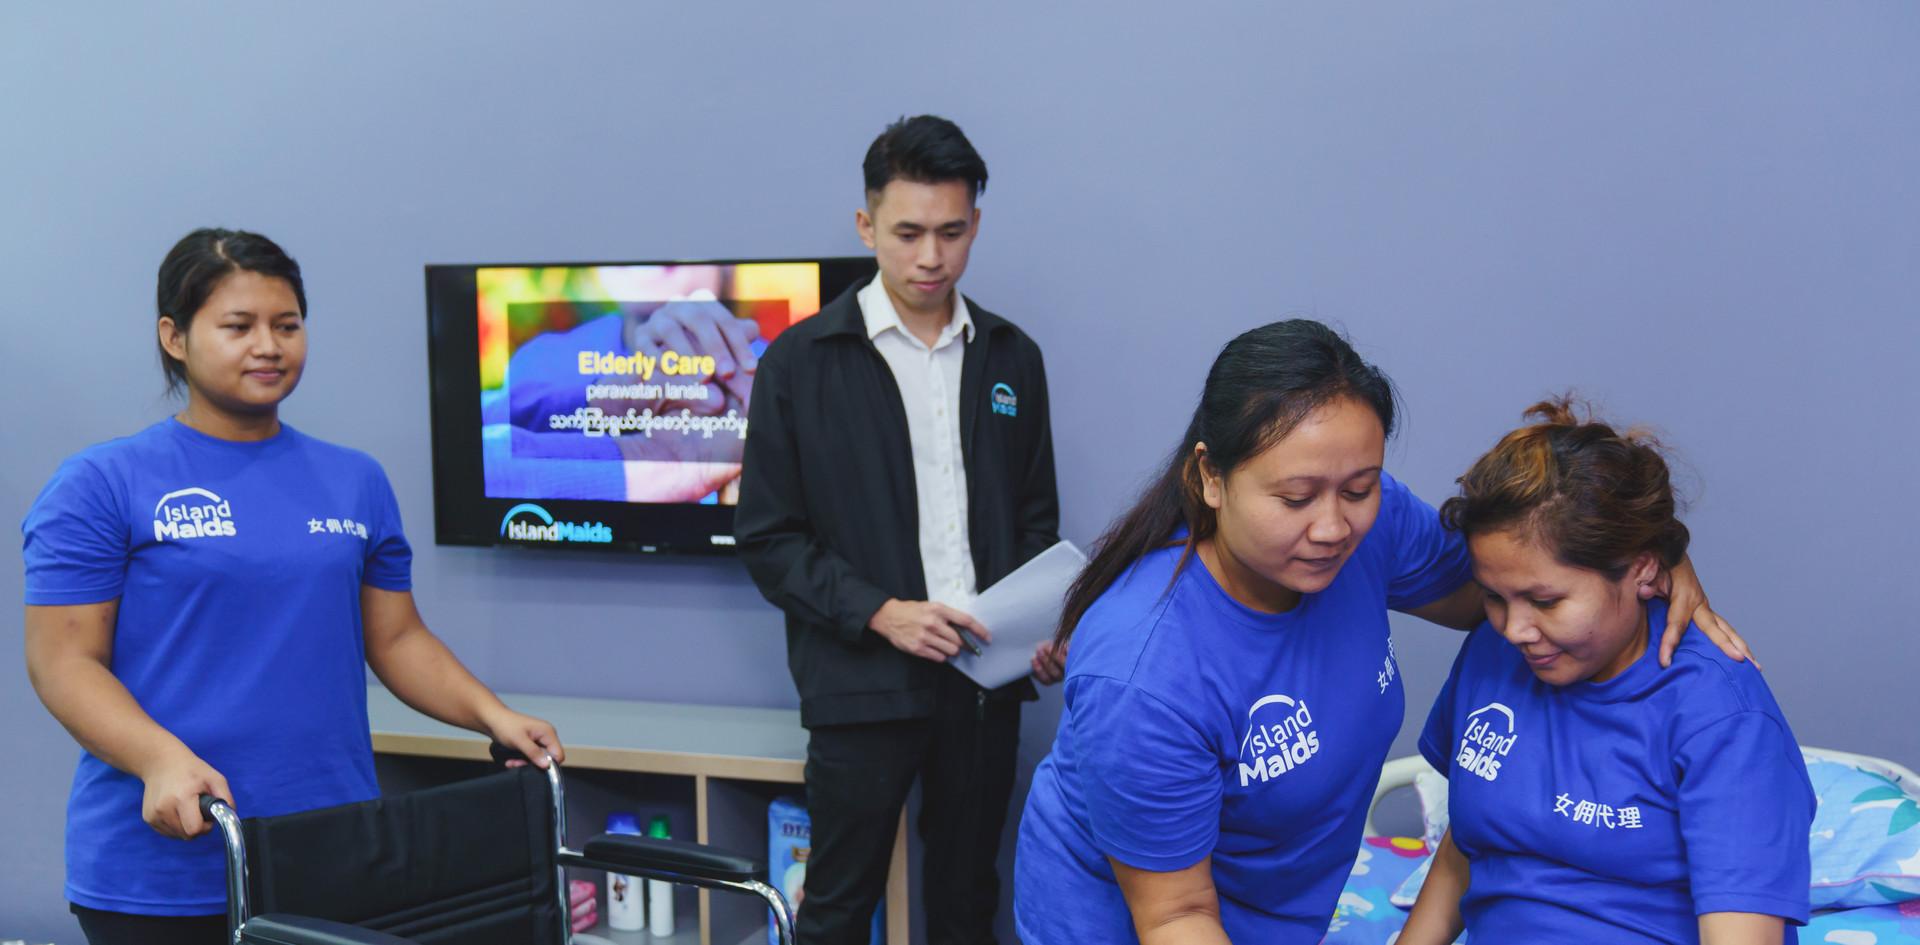 Elder Care Maid Training In Singapore (CTG Grant)